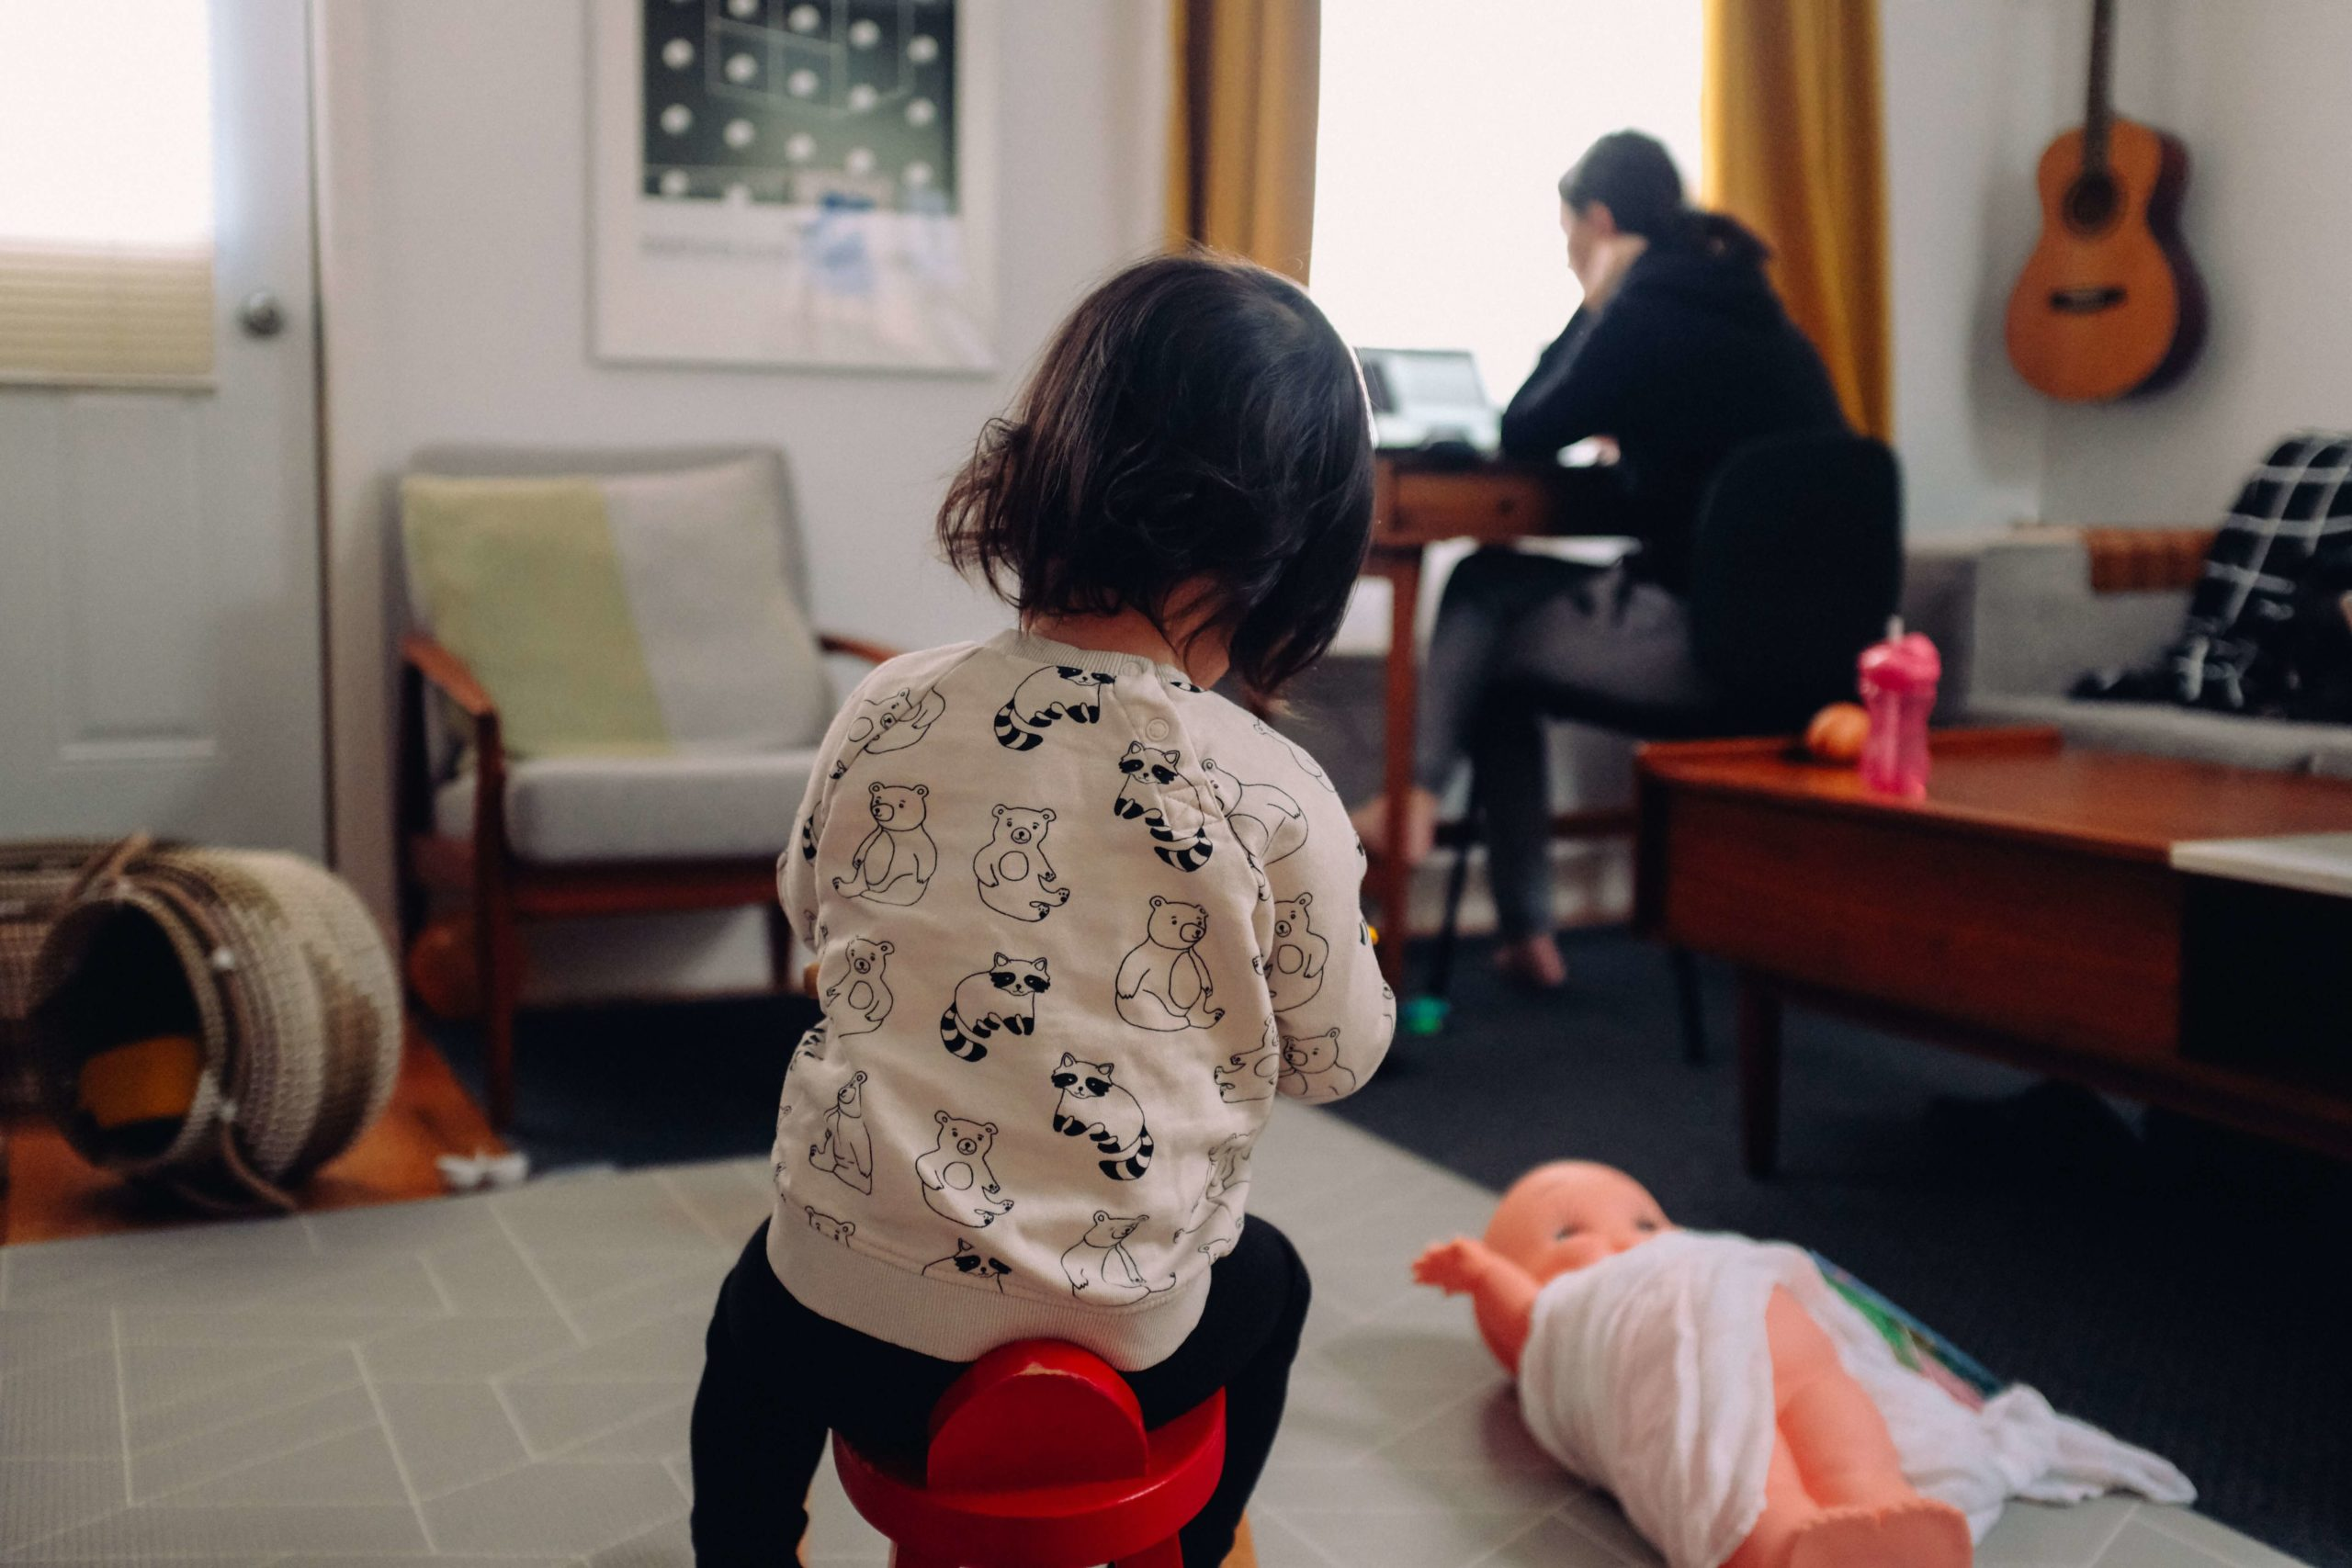 Arbeiten und gleichzeitig ein kleines Kind zu Hause – Wir haben ein paar mögliche Alternativen für dich zusammengestellt